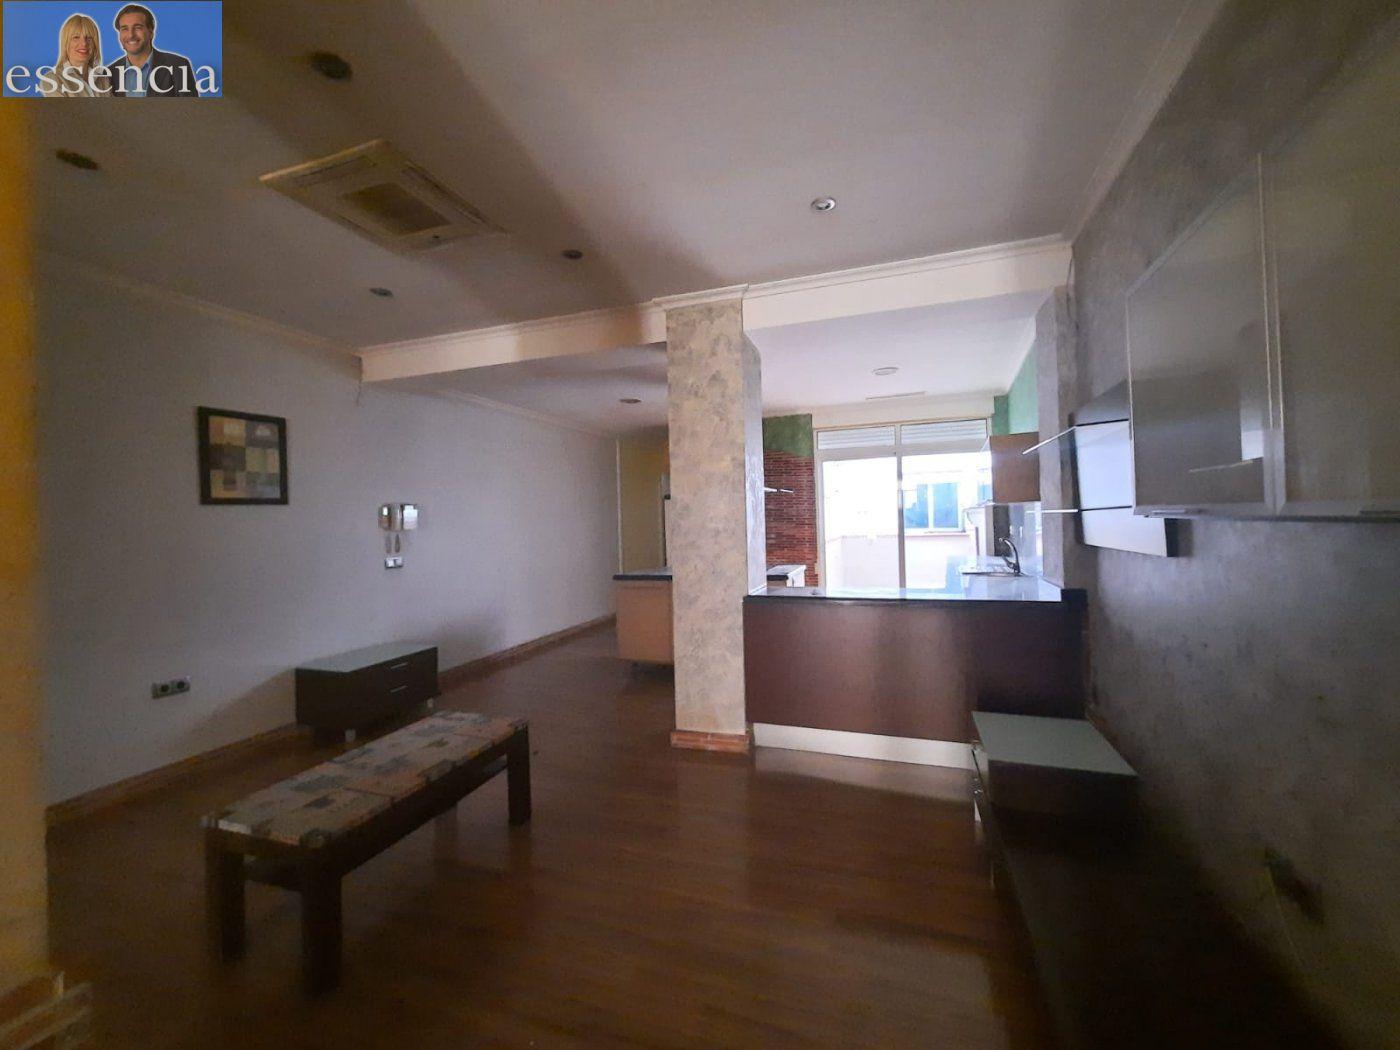 Bajo de 2 dormitorios y 2 baños con patio - imagenInmueble22